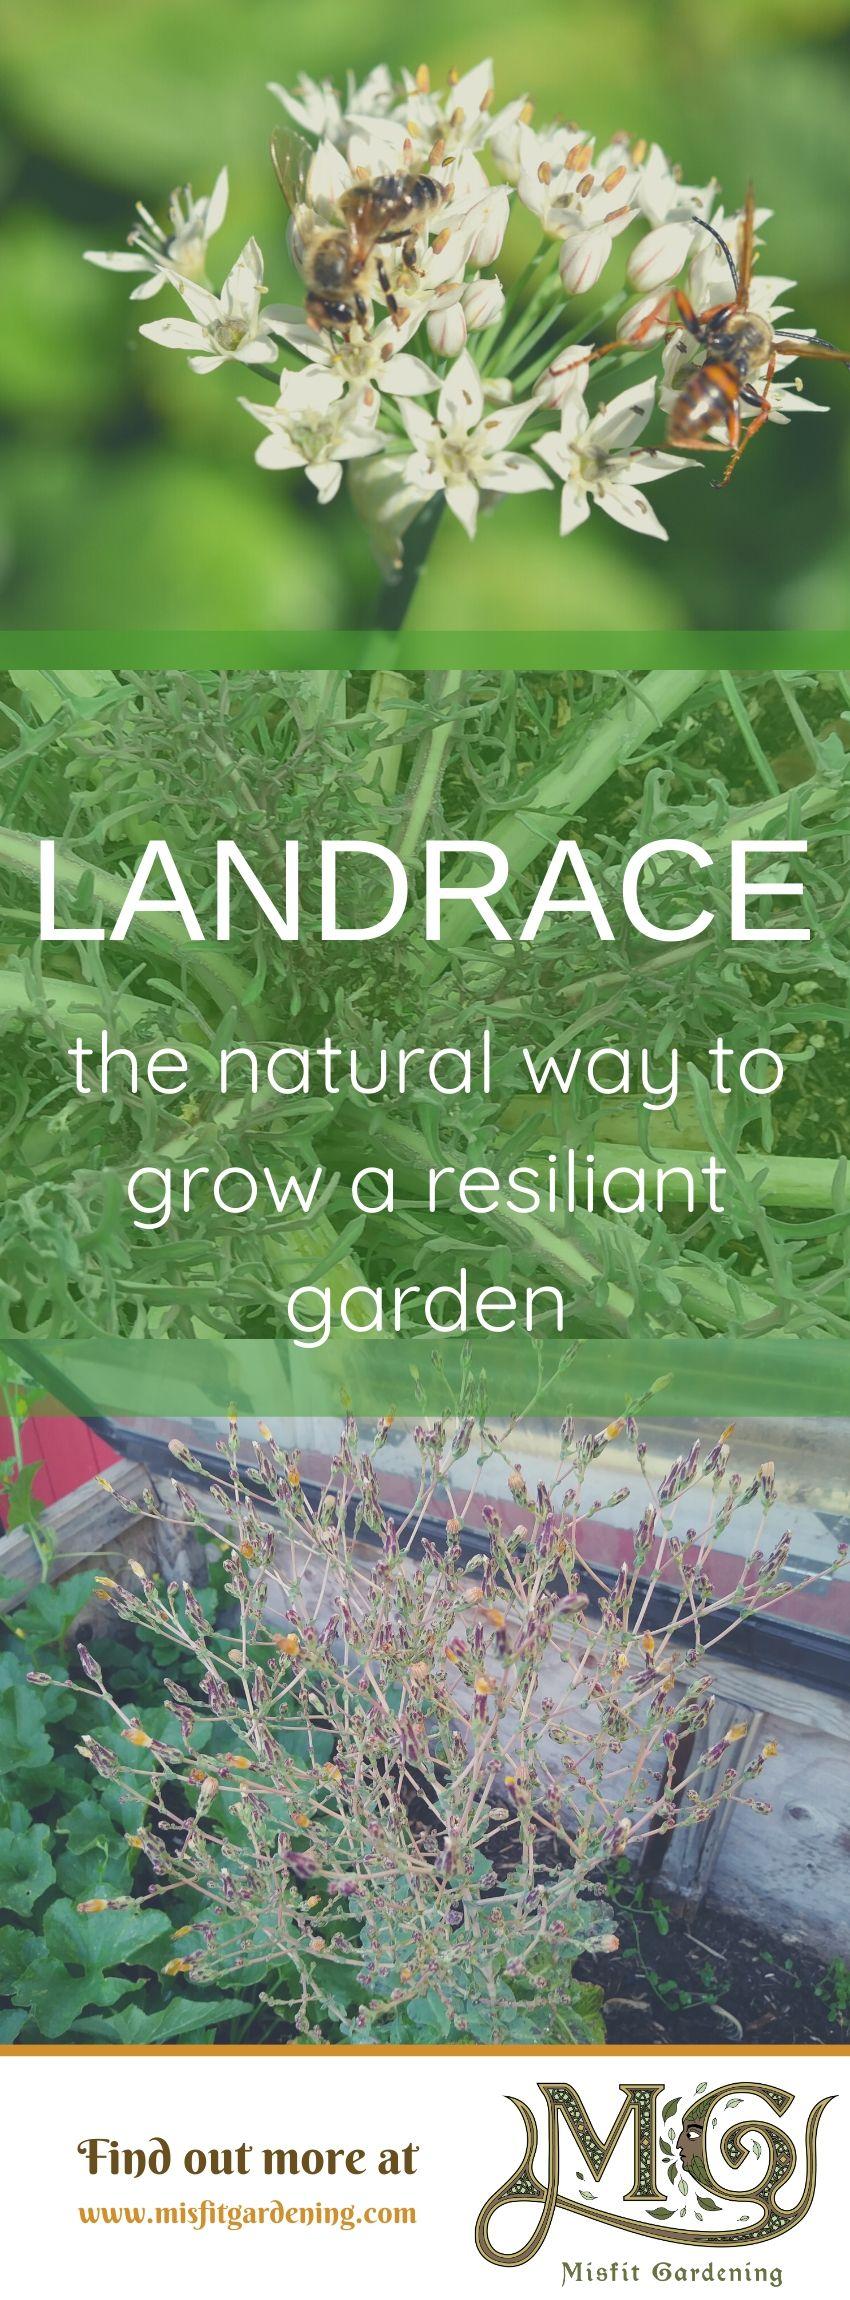 Erfahren Sie, wie ein Landgarten zu Ihnen passt. Klicken Sie hier, um mehr über Landrassengärten zu erfahren, oder stecken Sie es an und speichern Sie es für später. #gardening #nongmo #homestead